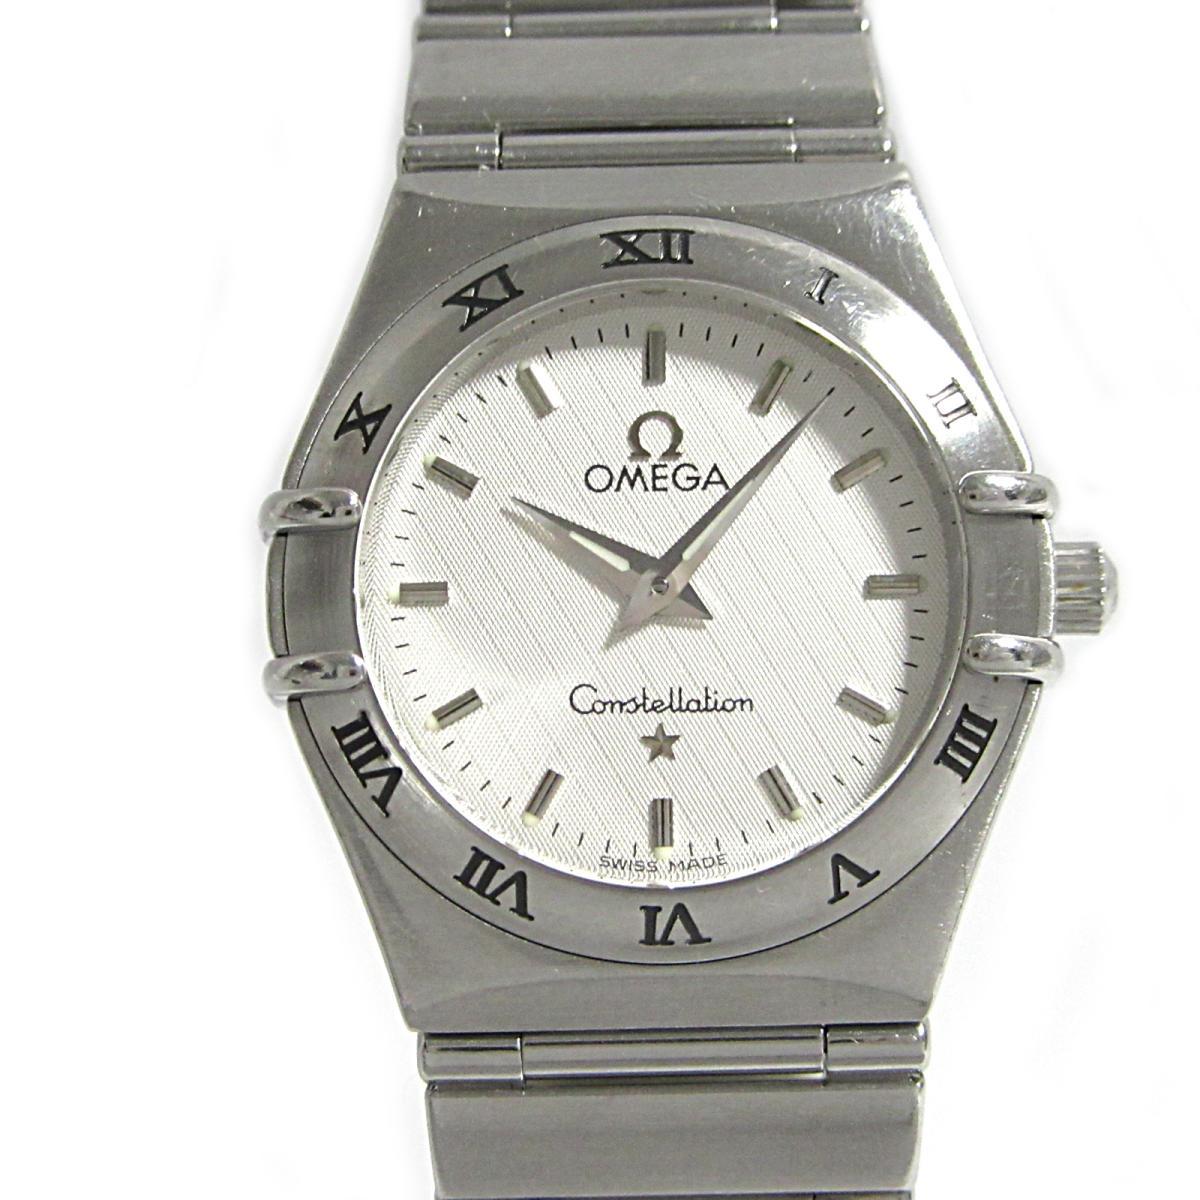 ≪期間限定≫メルマガ登録でクーポンGET! 【中古】 オメガ コンステレーション 腕時計 ウォッチ レディース ステンレススチール (SS) (1562.30) | OMEGA BRANDOFF ブランドオフ ブランド ブランド時計 ブランド腕時計 時計